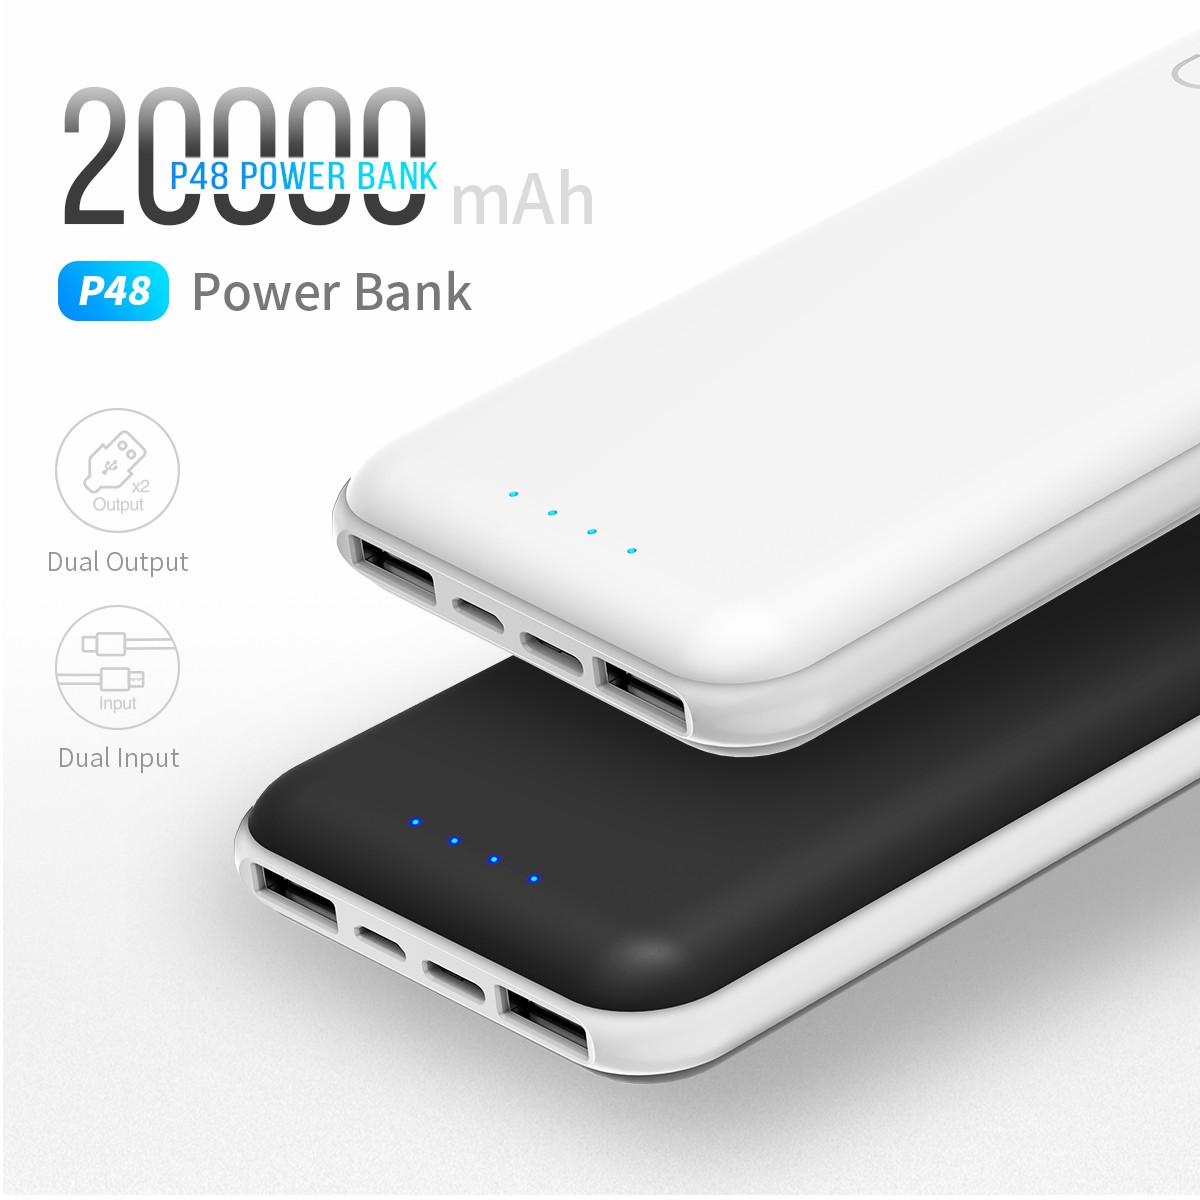 Power Bank Rock 20000mAh. Реальная емкость! Портативное зарядное устройство